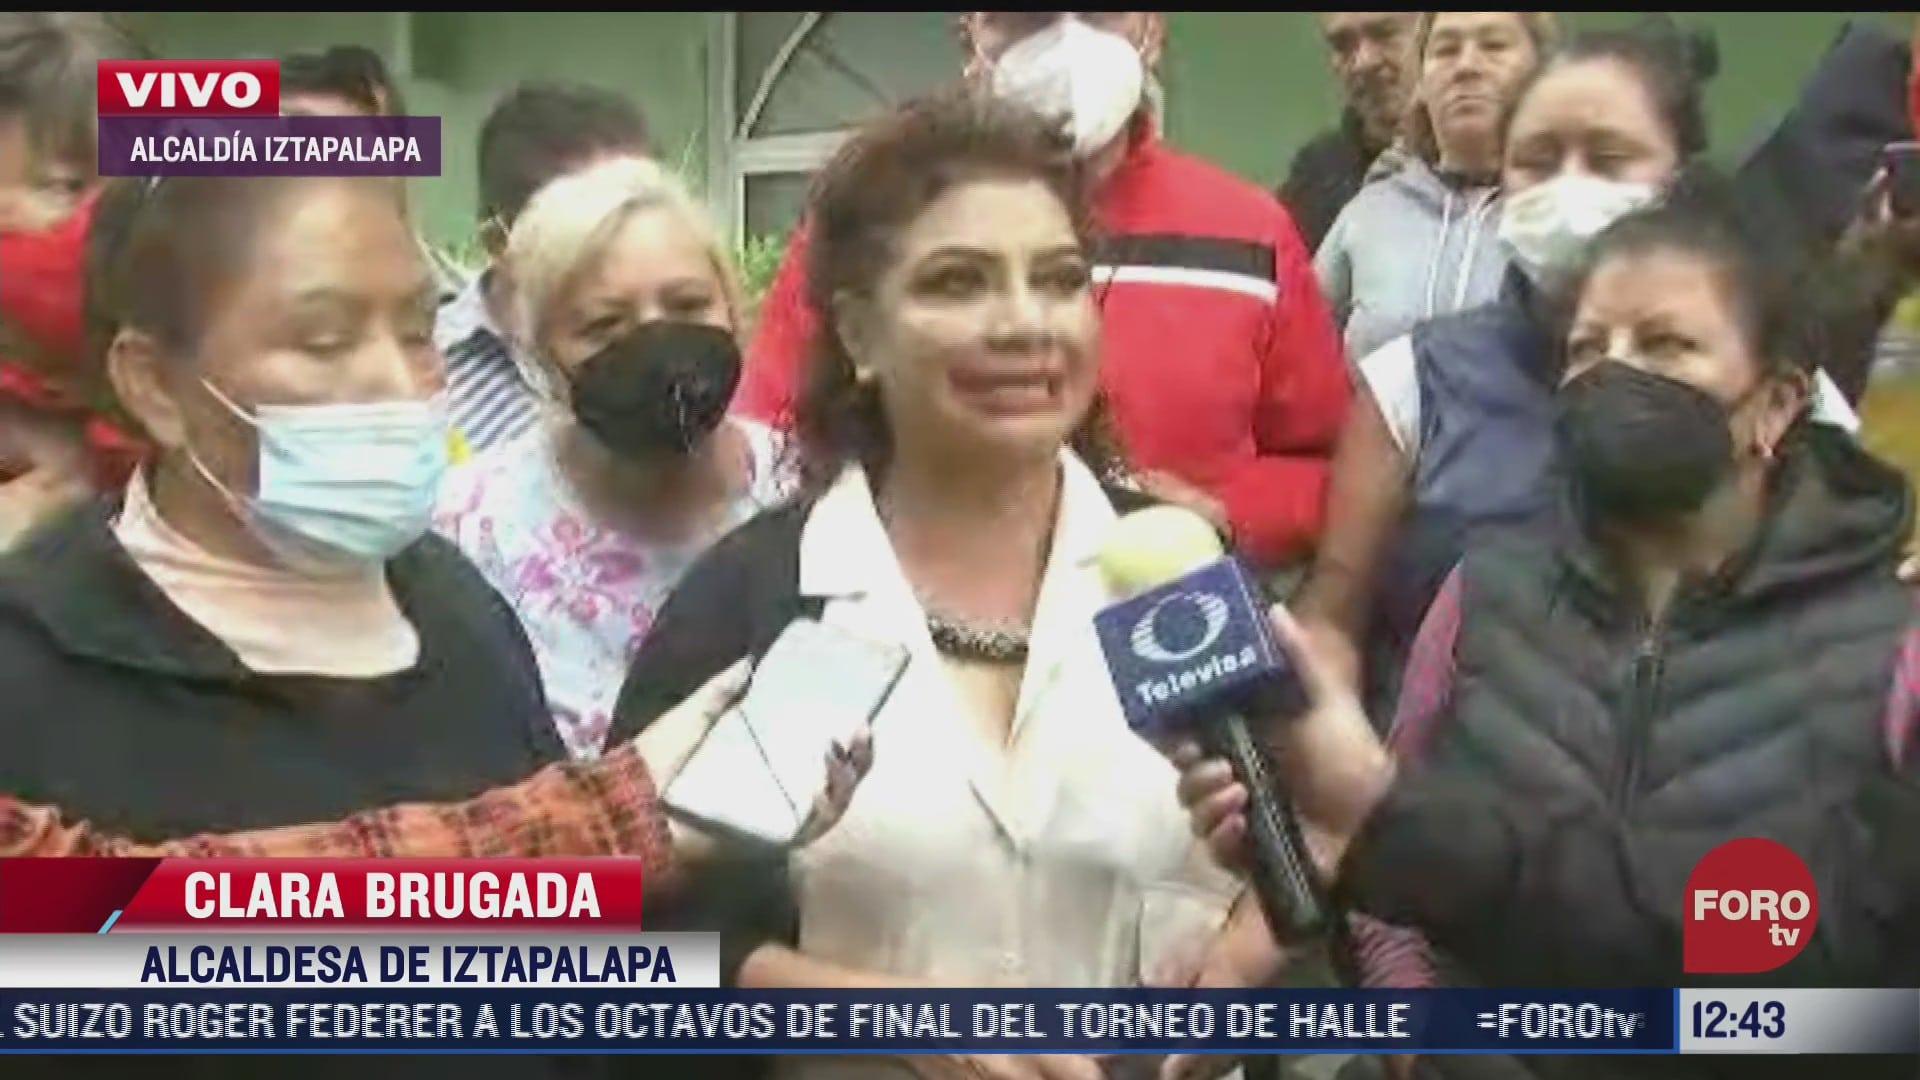 mas de 300 viviendas afectadas tras inundacion en alcaldia iztapalapa